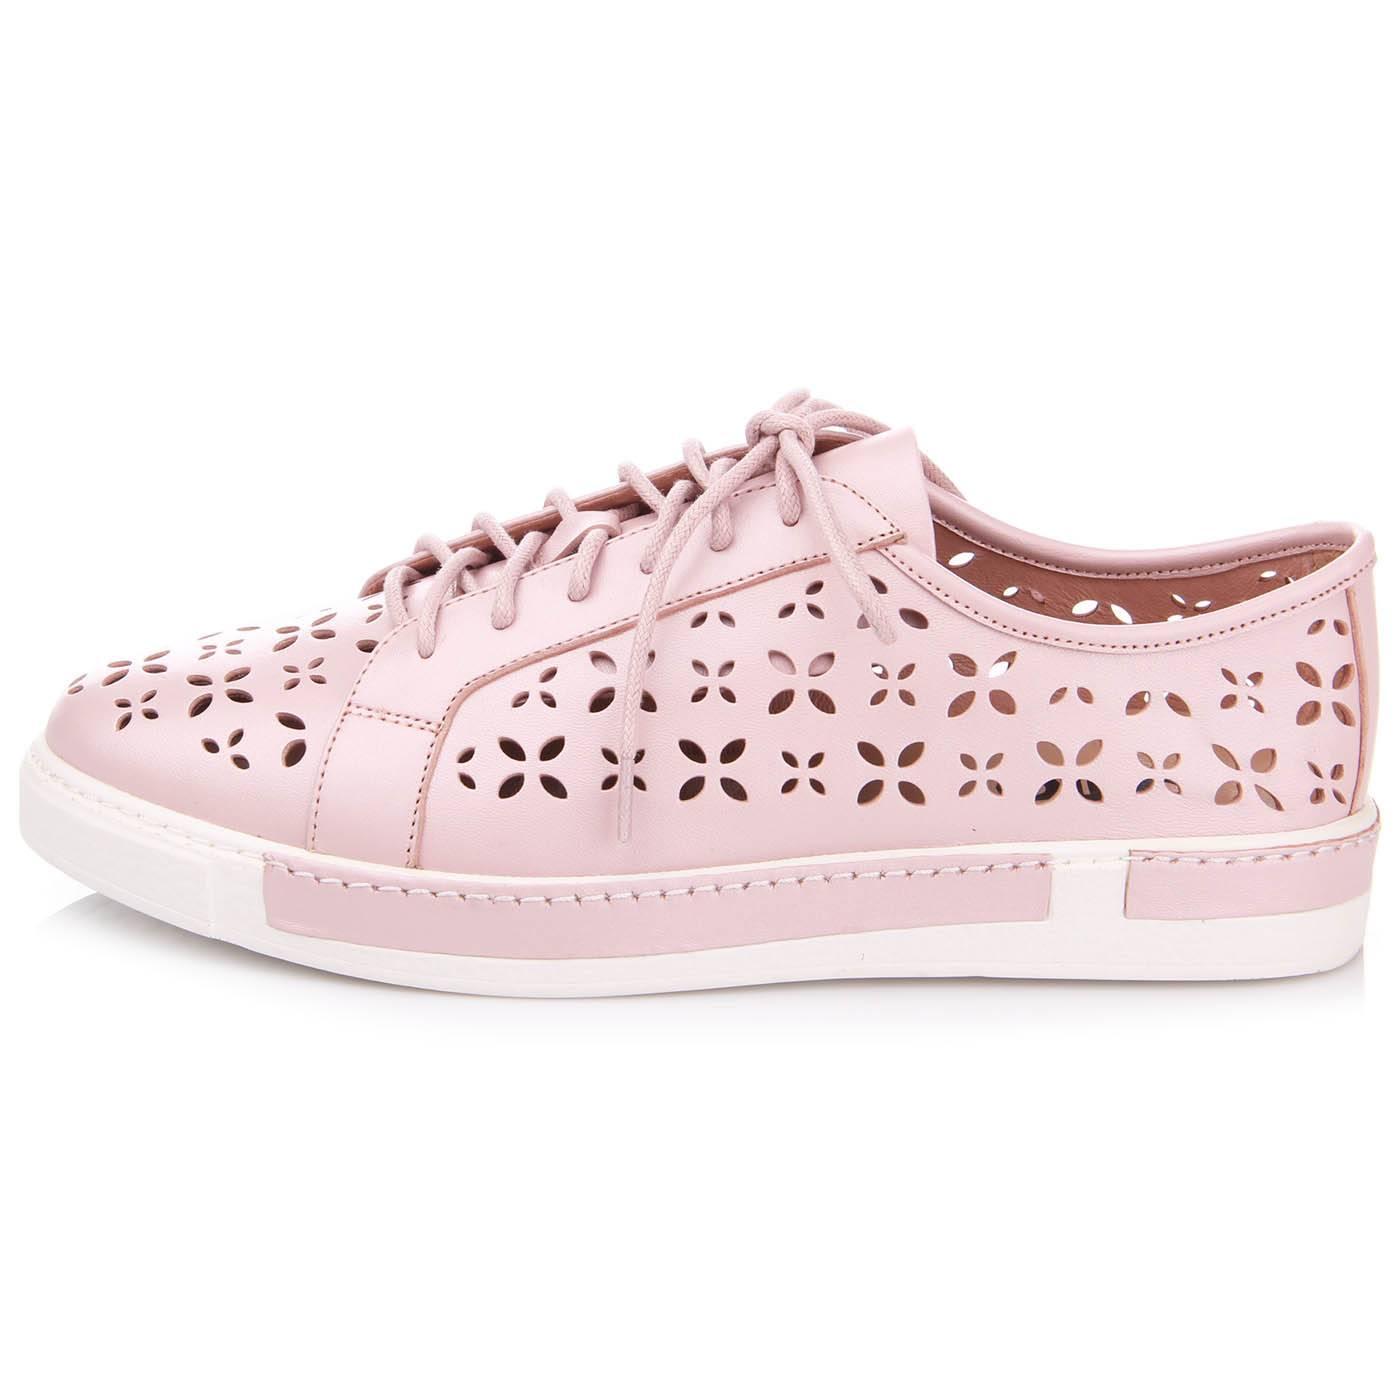 96f41b42 Кеды женские ditto 7753 Розовый купить по выгодной цене в интернет ...